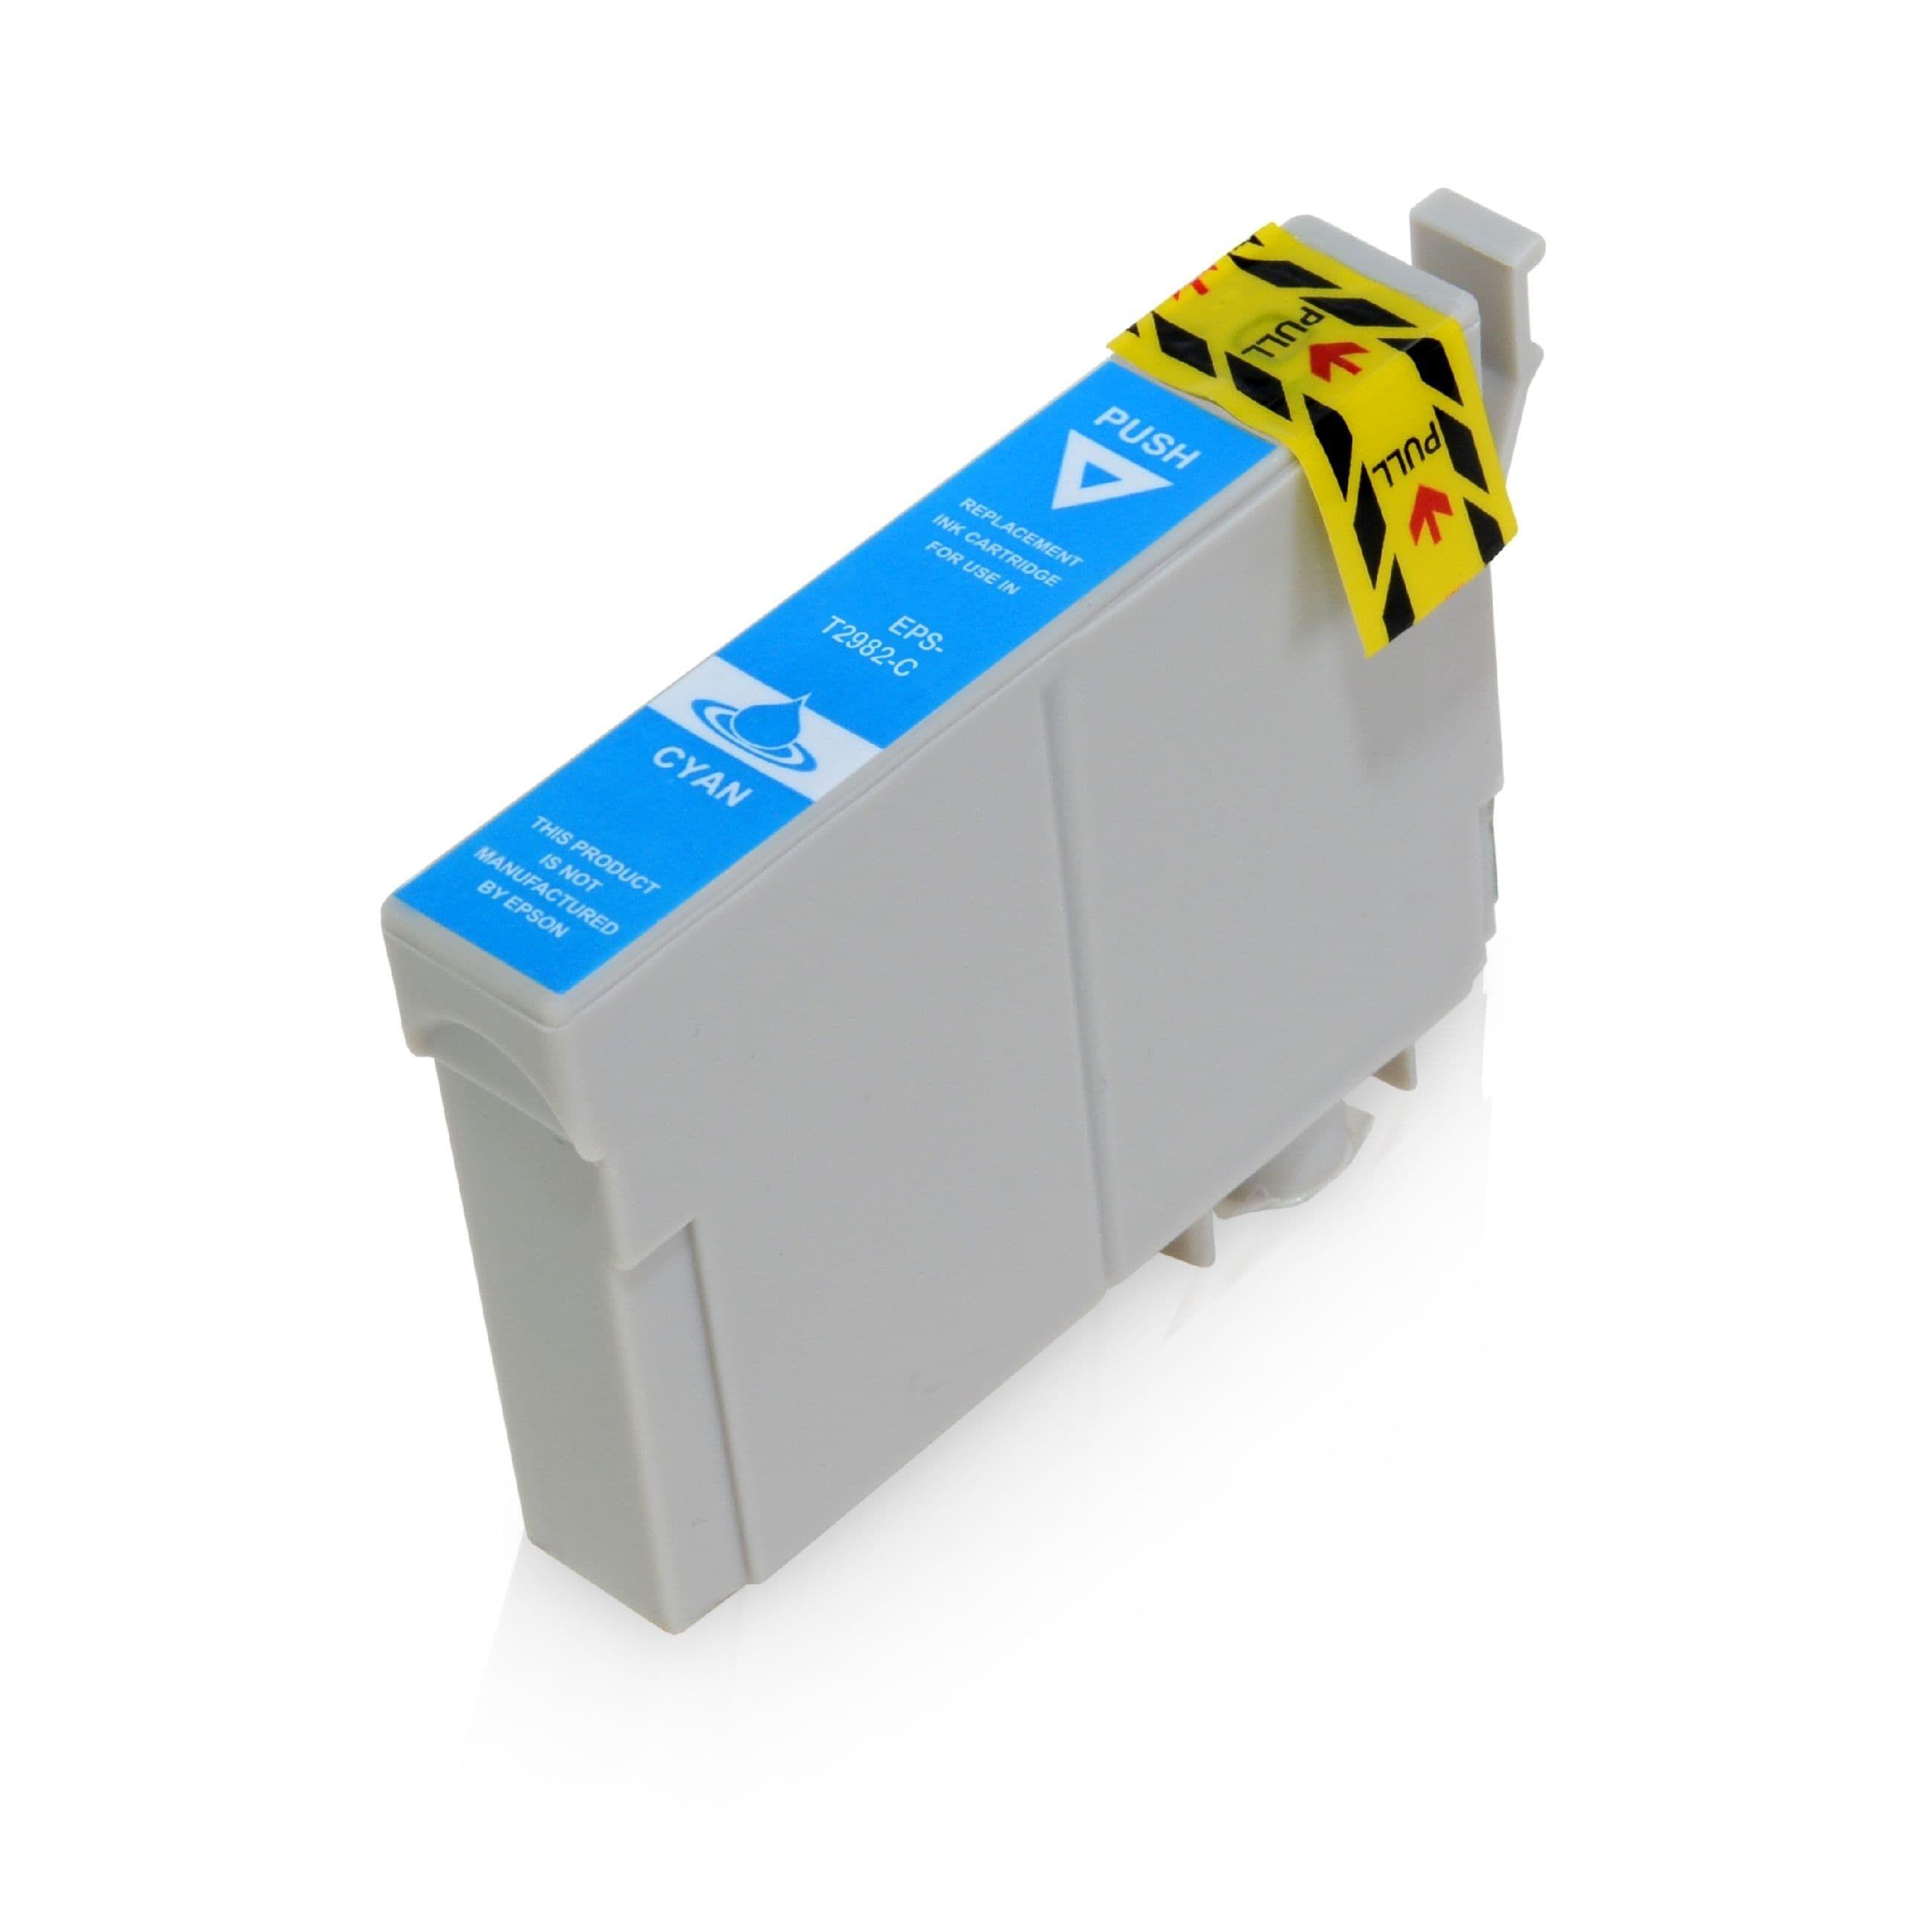 Epson Cartouche d'encre pour Epson C13T29824010 / 29 cyan compatible (de marque ASC)